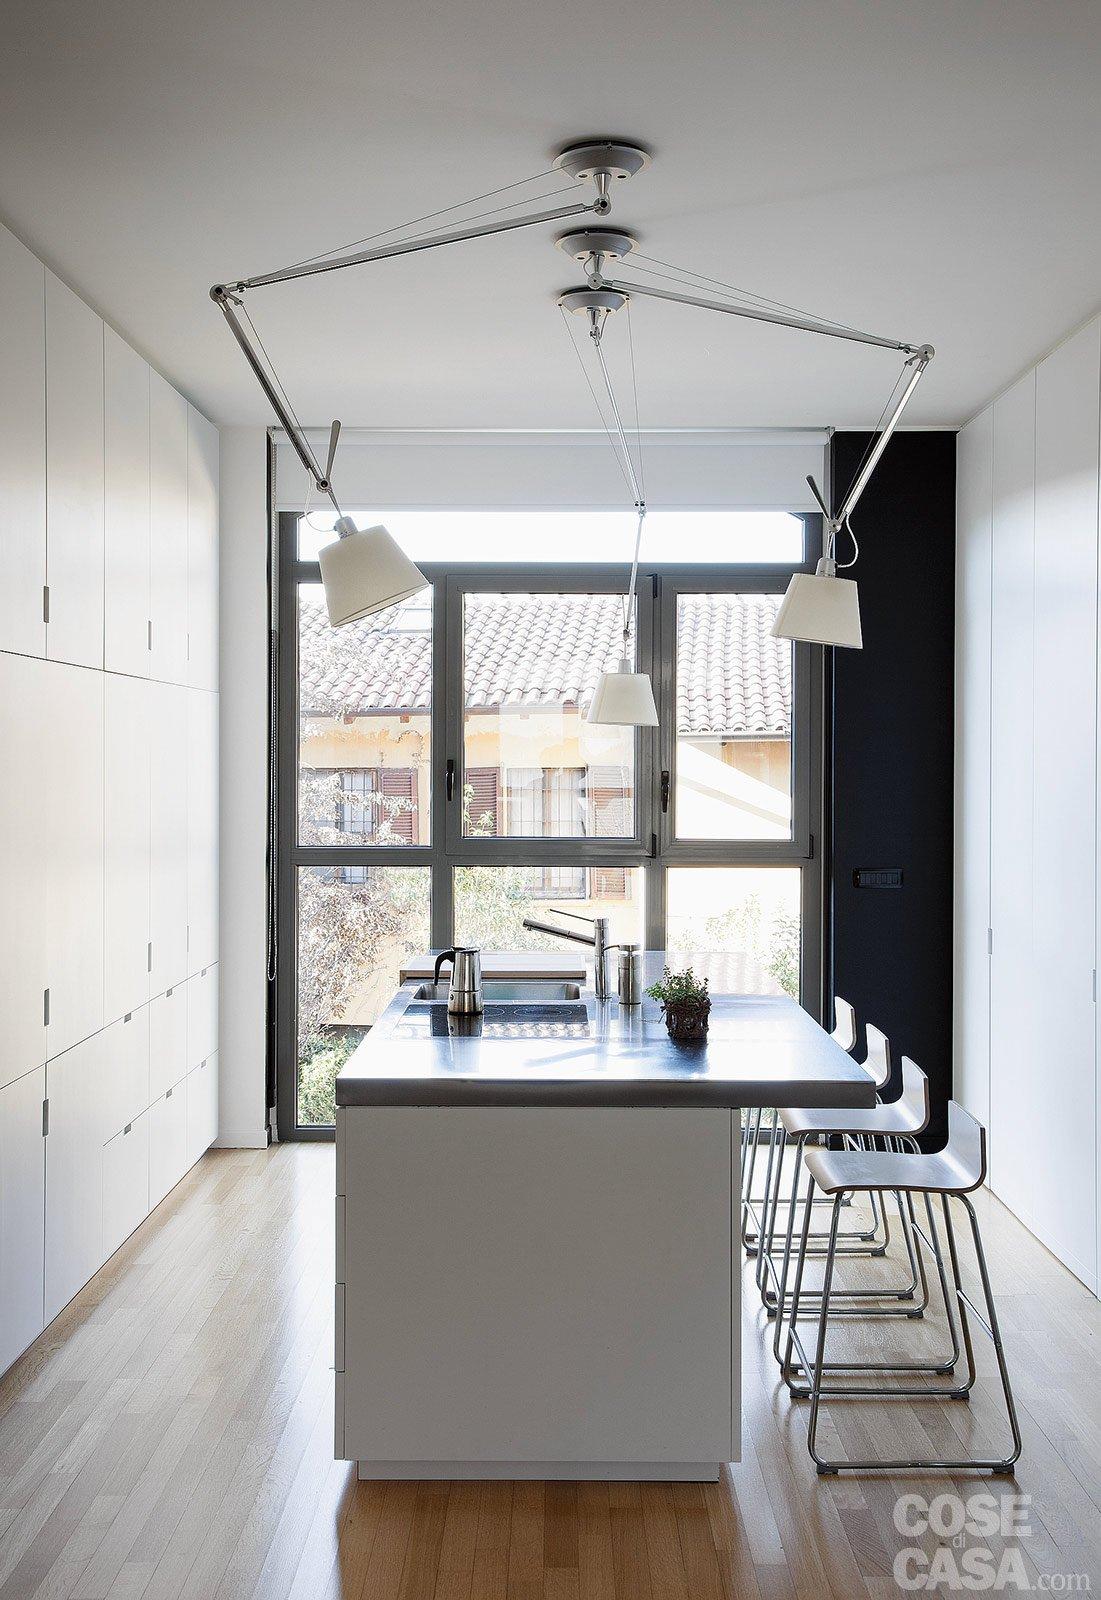 60+50 mq: una casa con elementi a scomparsa - Cose di Casa